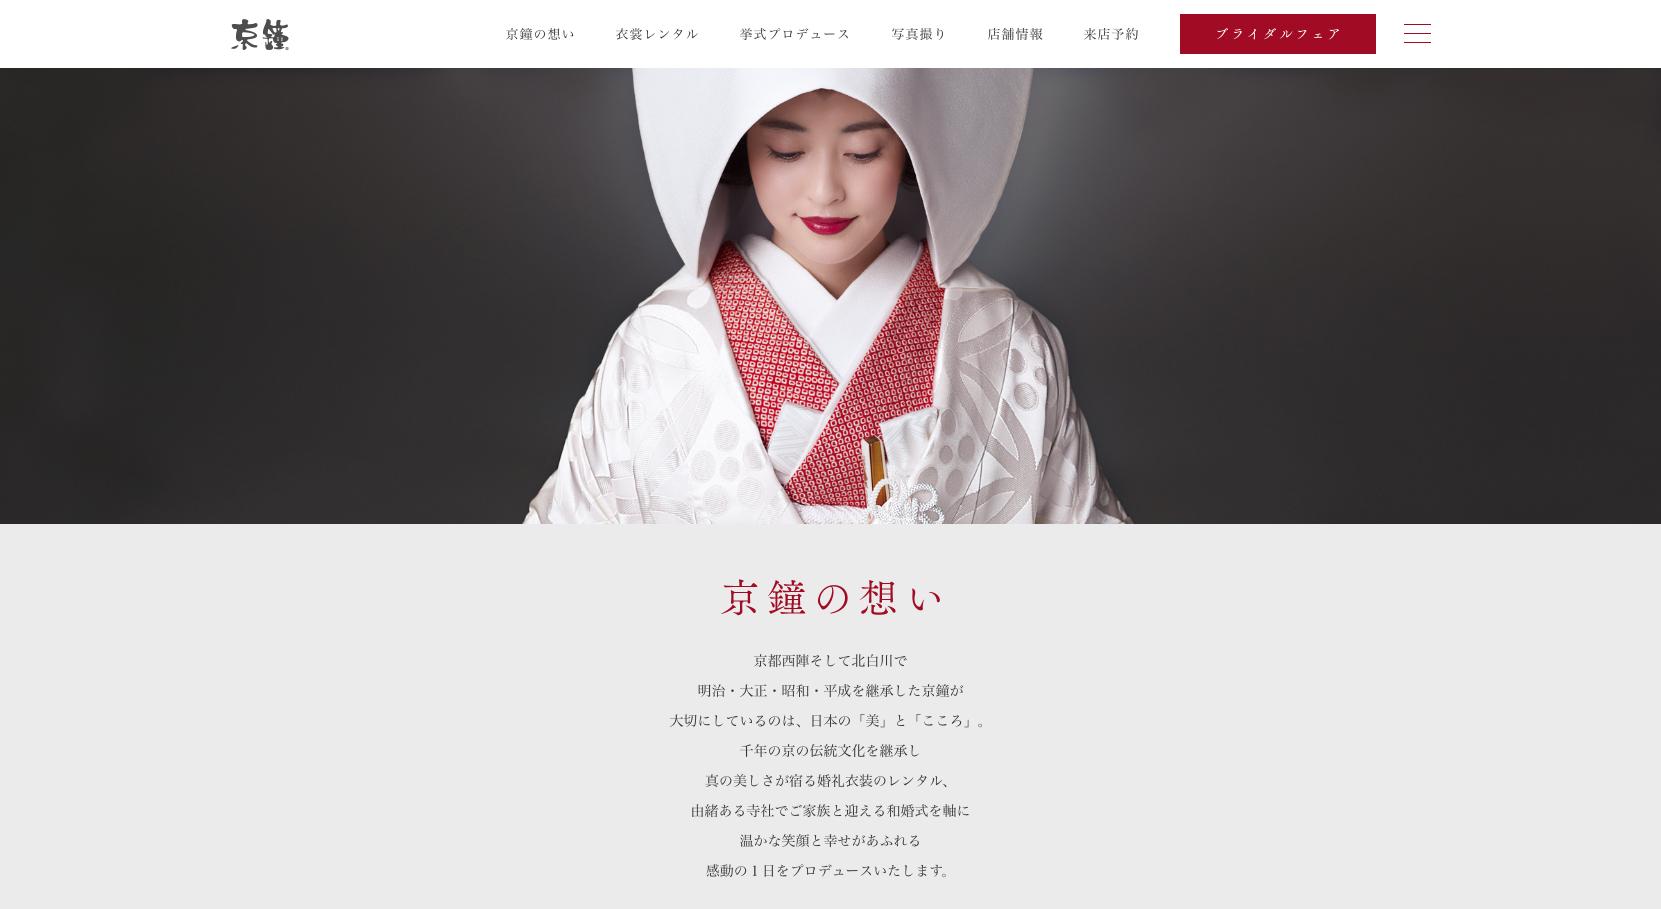 kyokane_02.jpg